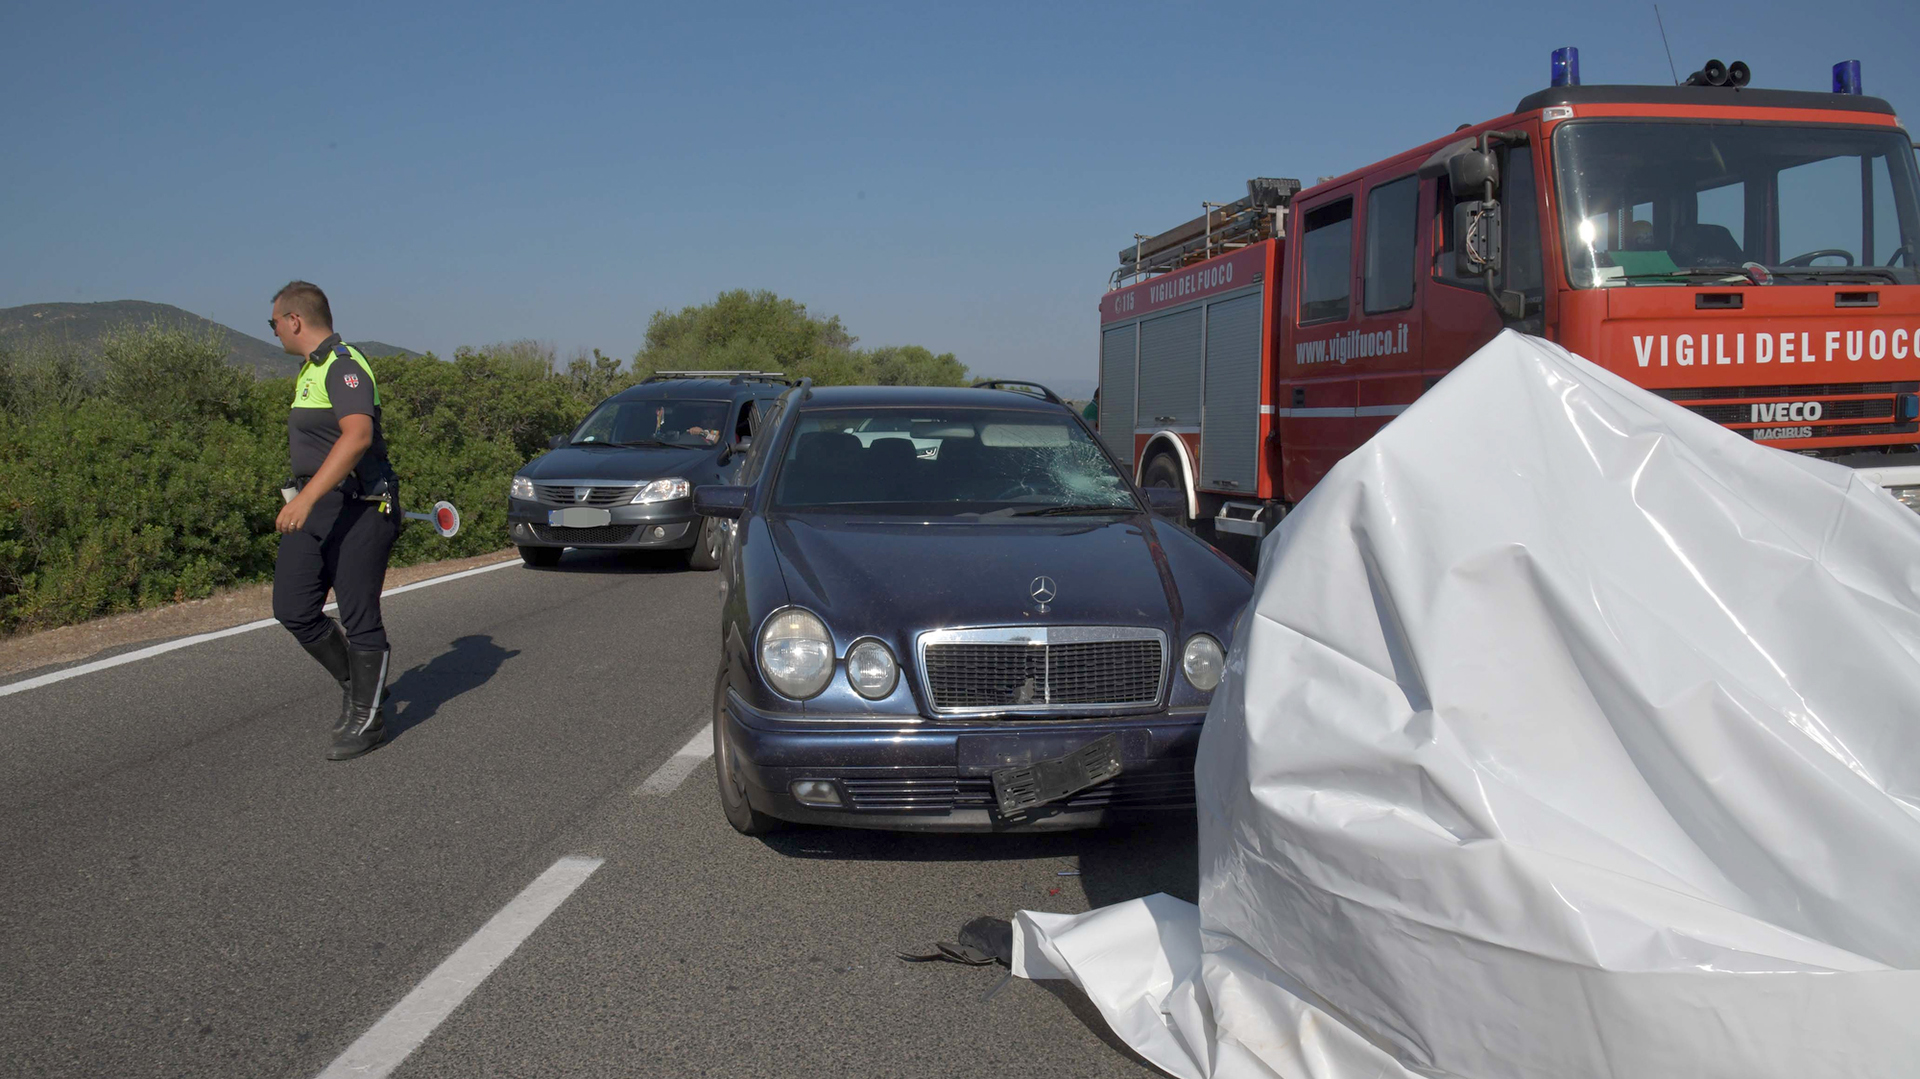 El vehículo Mercedes Benz quedó detenido en medio de la carreterade CerdeñaenCosta Corallina